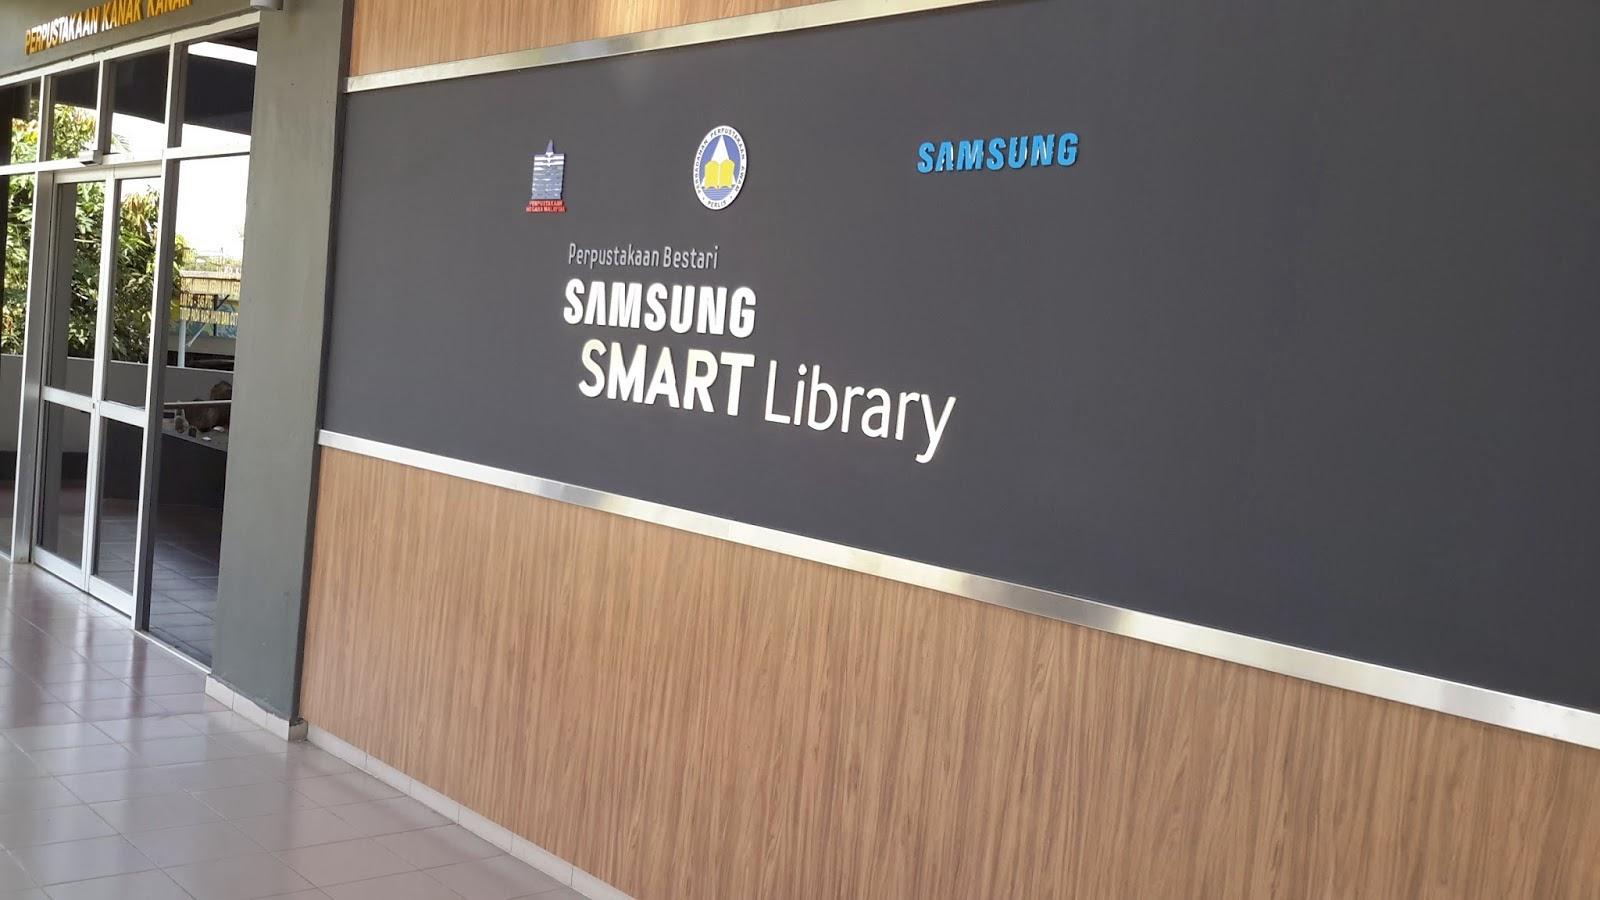 Perpustakaan Bestari Samsung